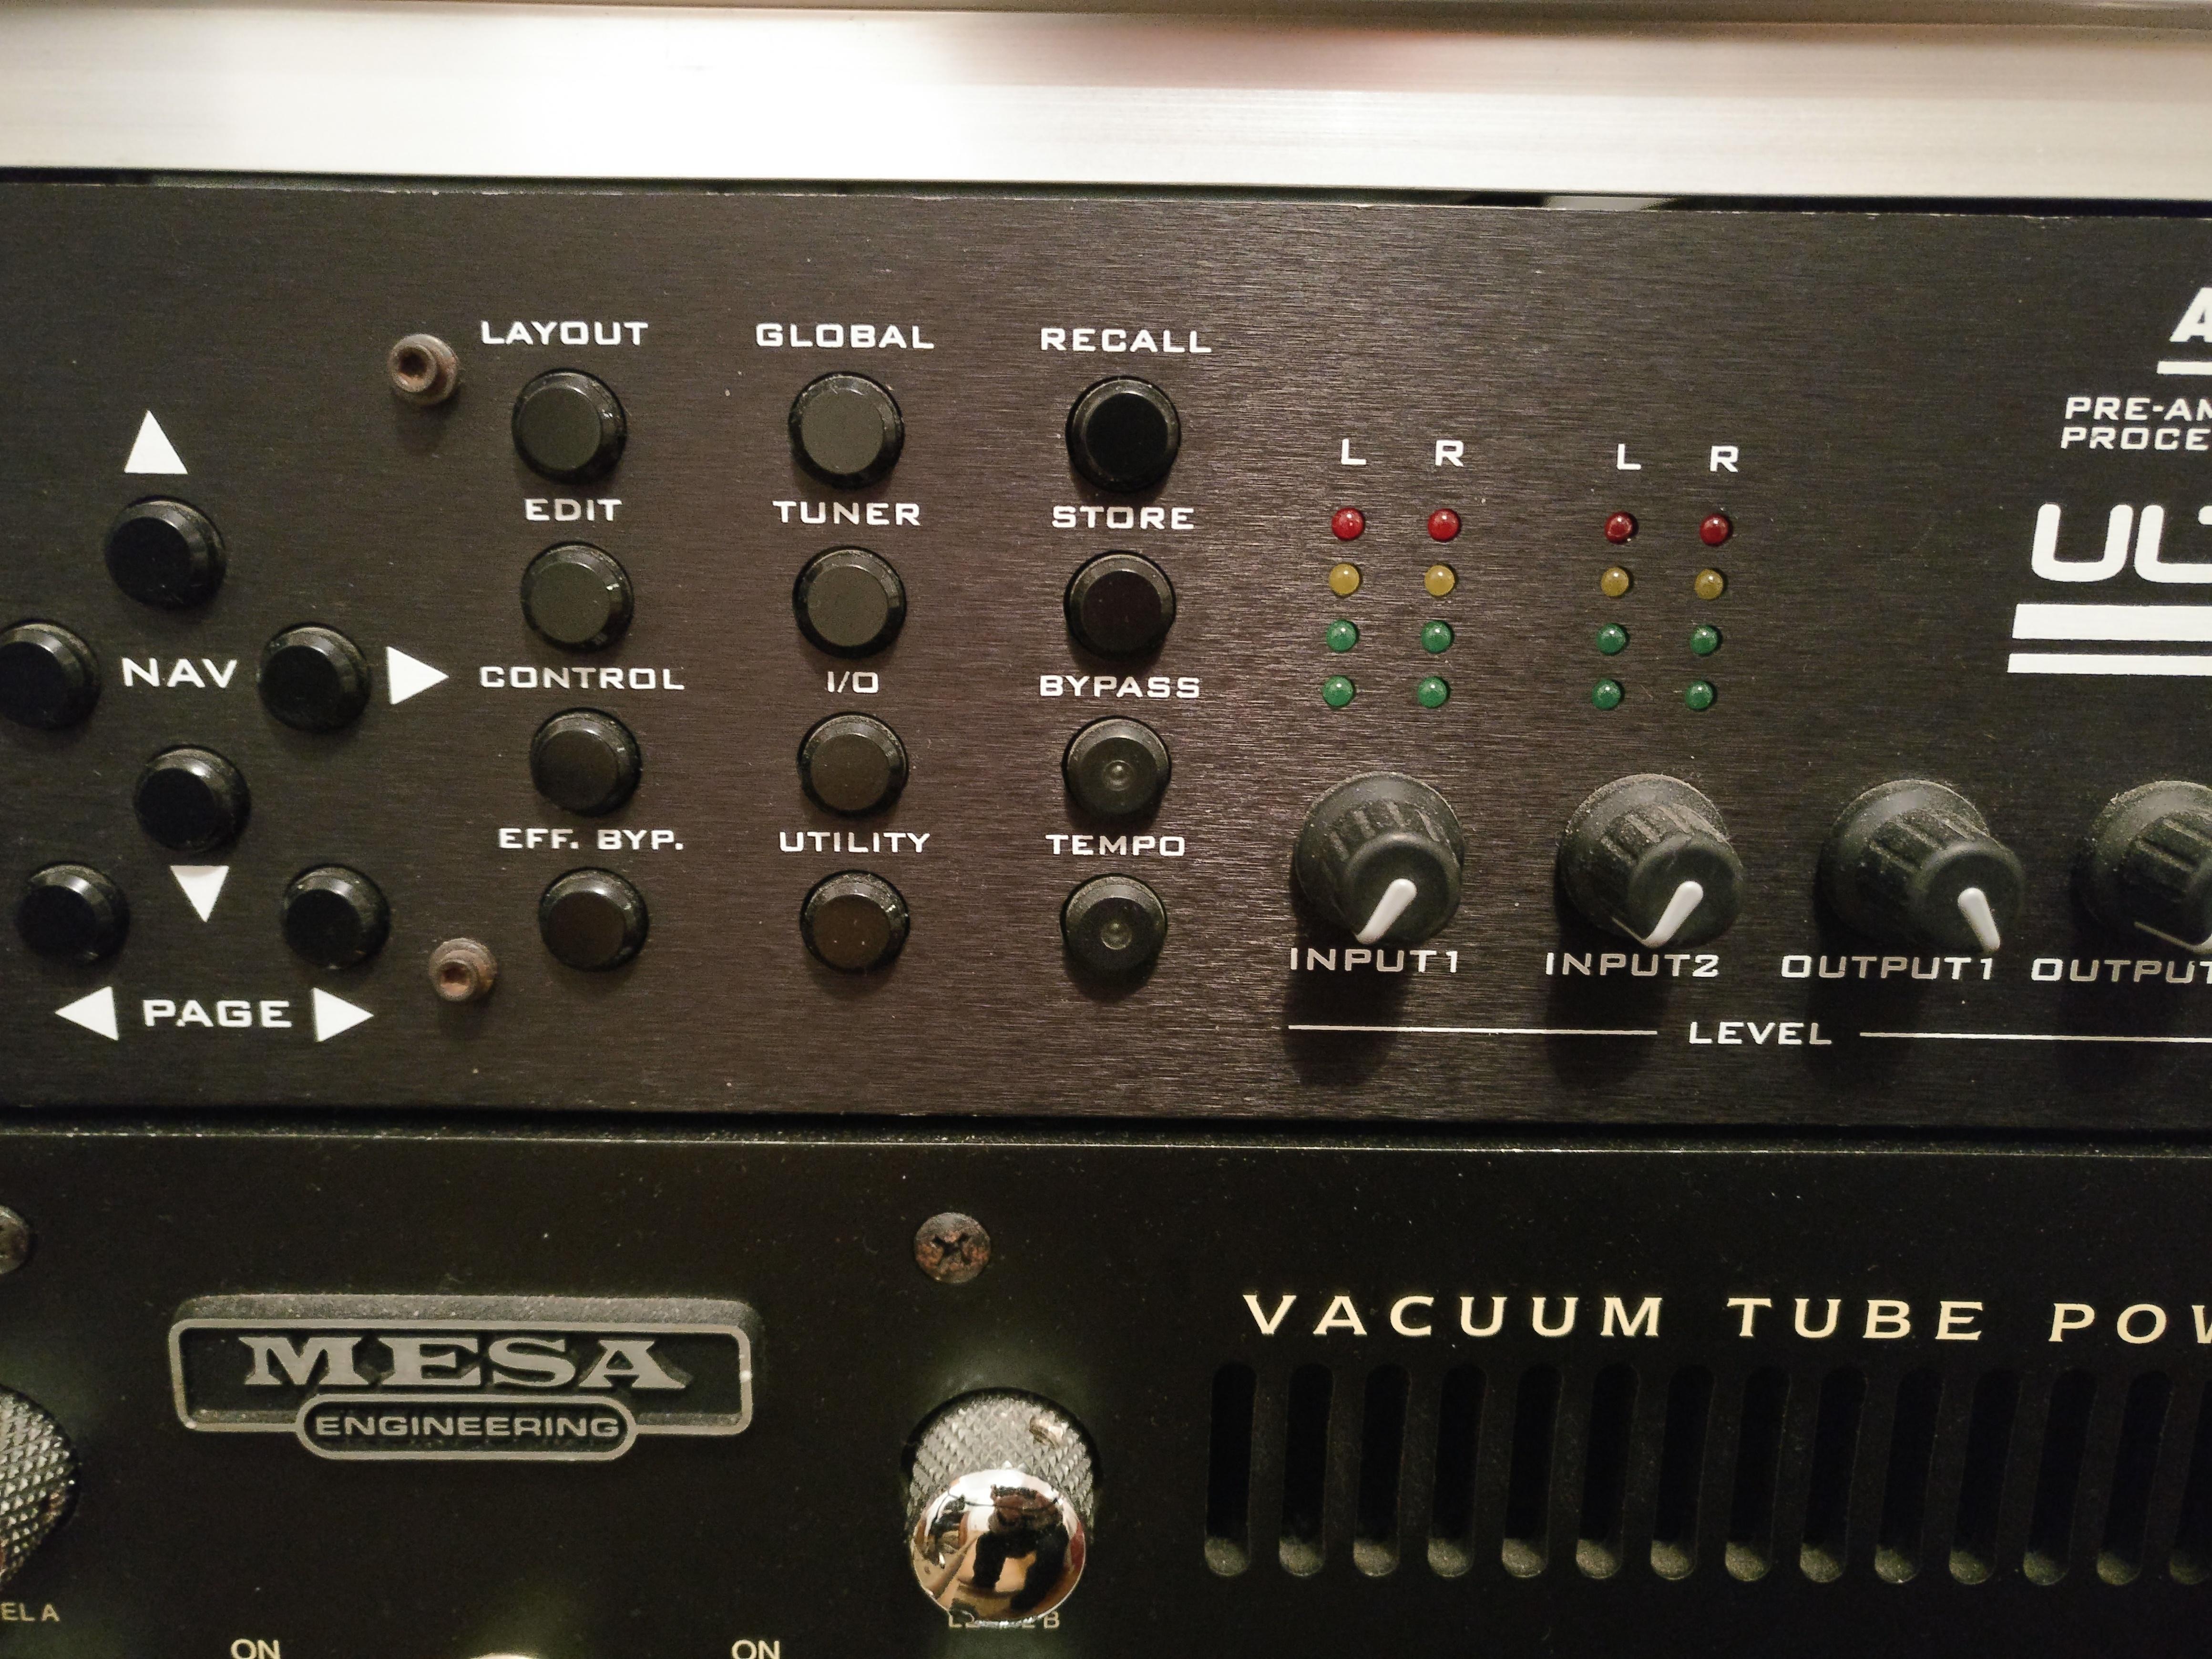 [vând] Fractal Axe Fx Ultra + thomann rack case 4u